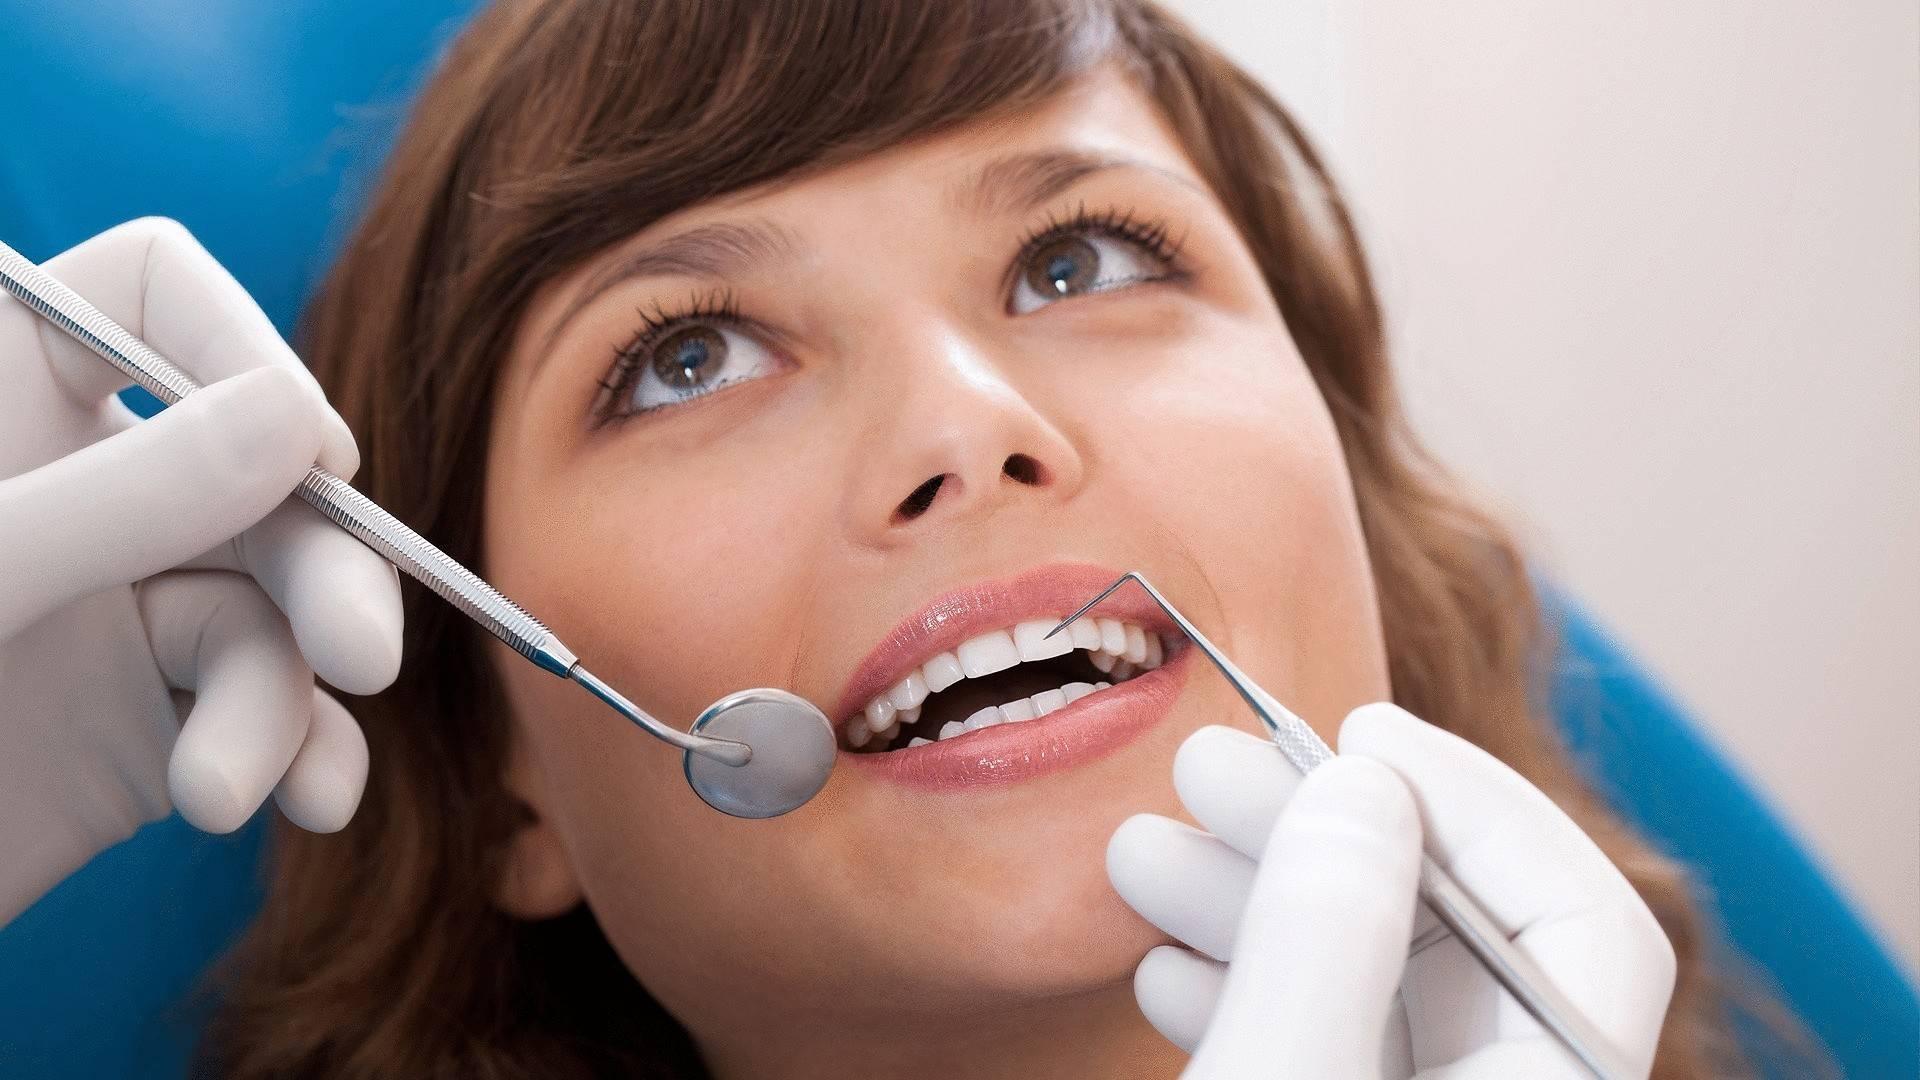 Не прополаскивать рот после чистки зубов и другие советы дантистов